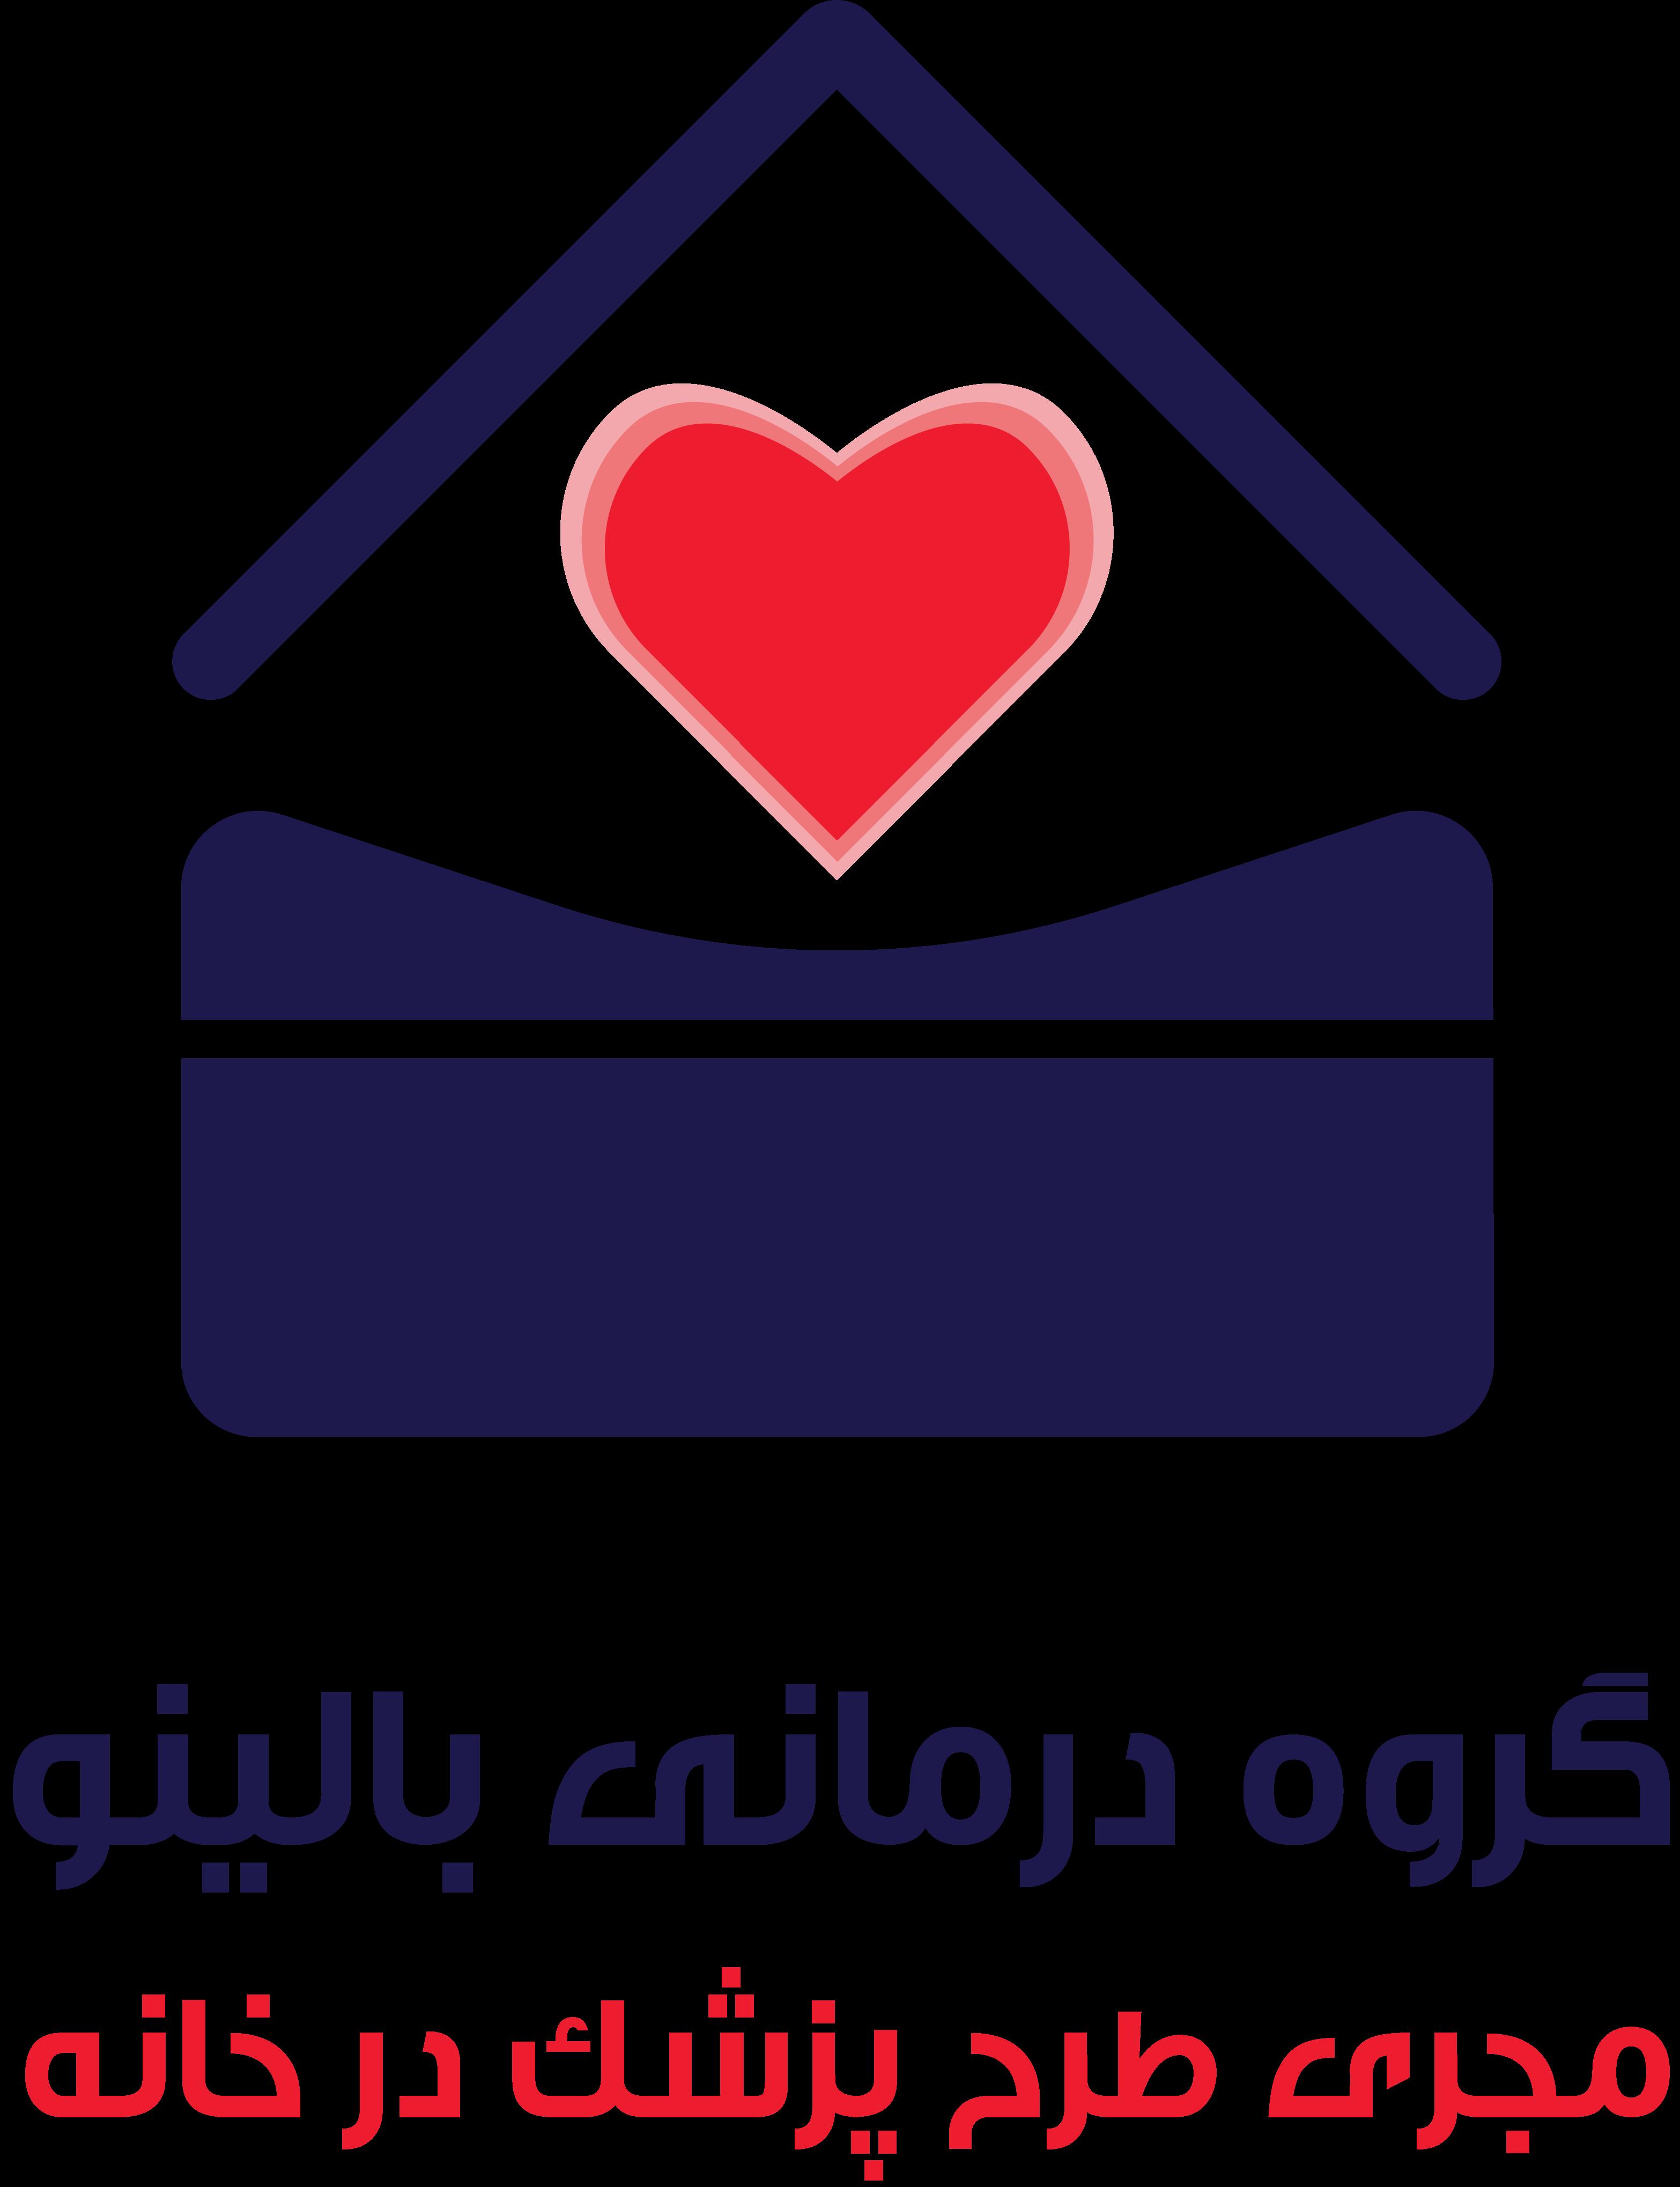 ویزیت پزشک در منزل در اصفهان